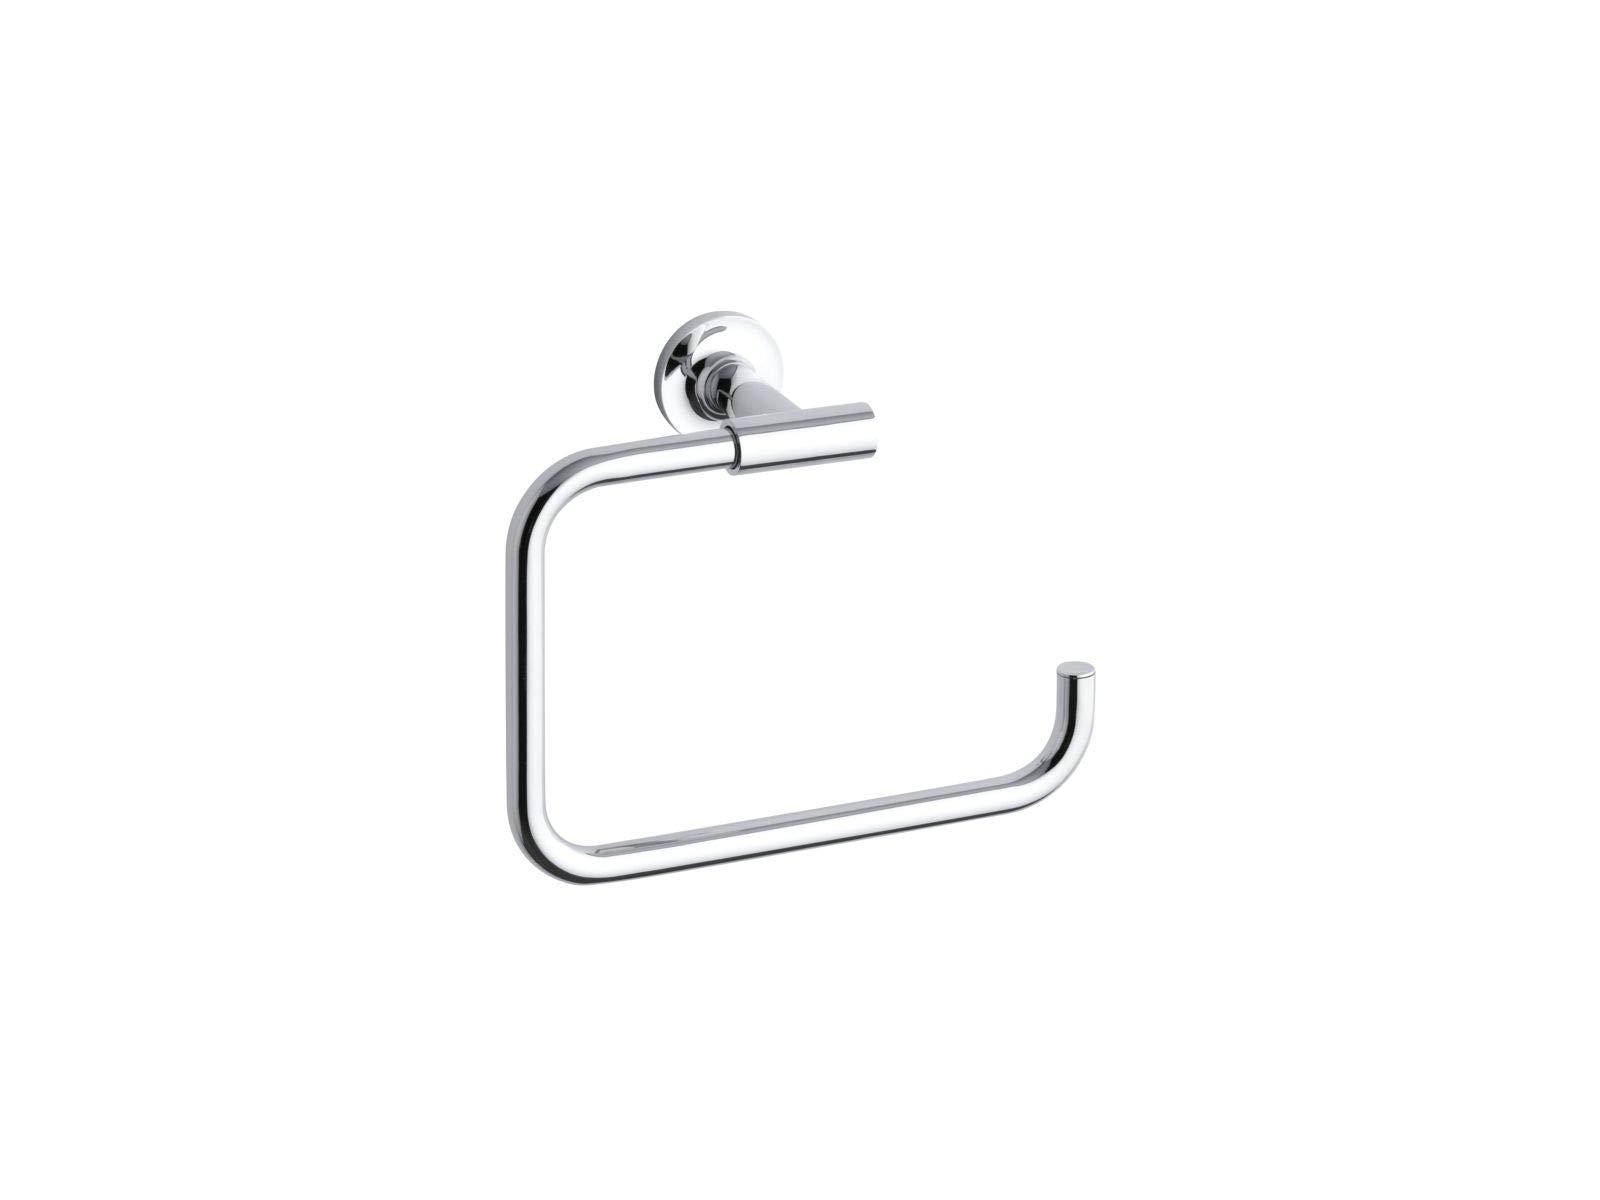 KOHLER K-14441-CP Purist Towel Ring, Polished Chrome by Kohler